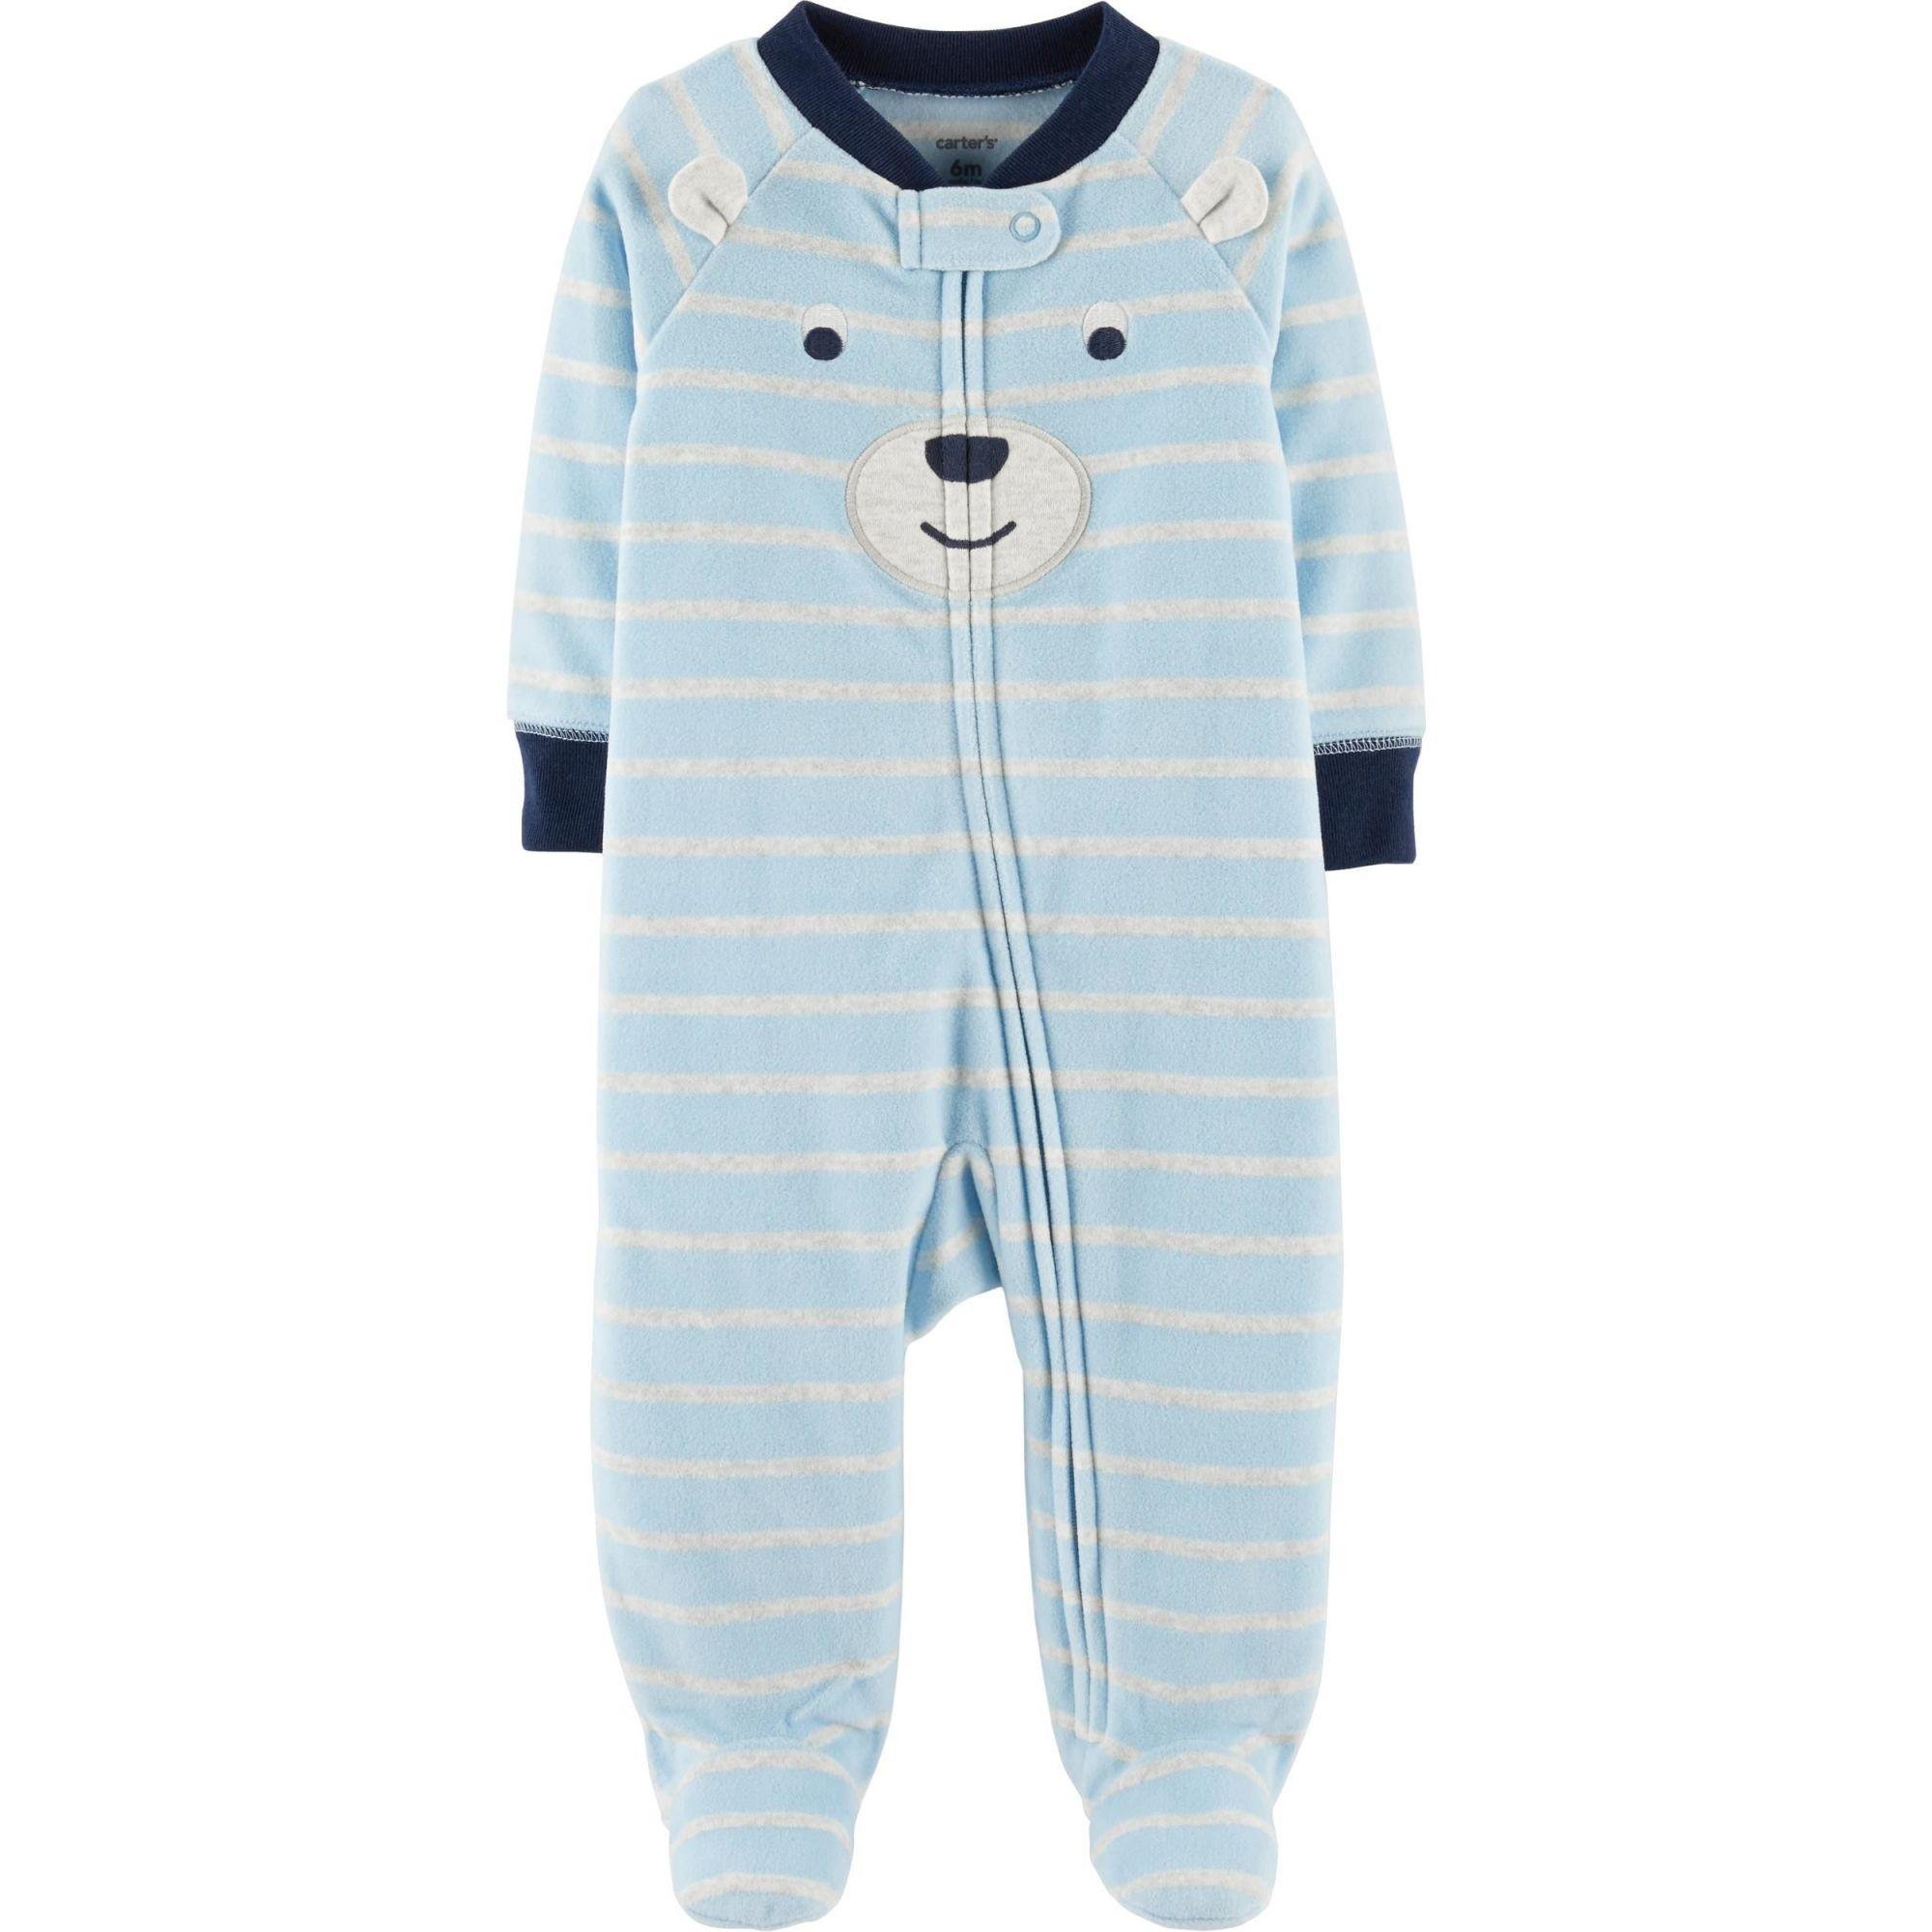 Pijama Infantil Carters em Fleece Azul e Listras Cinza com Pé